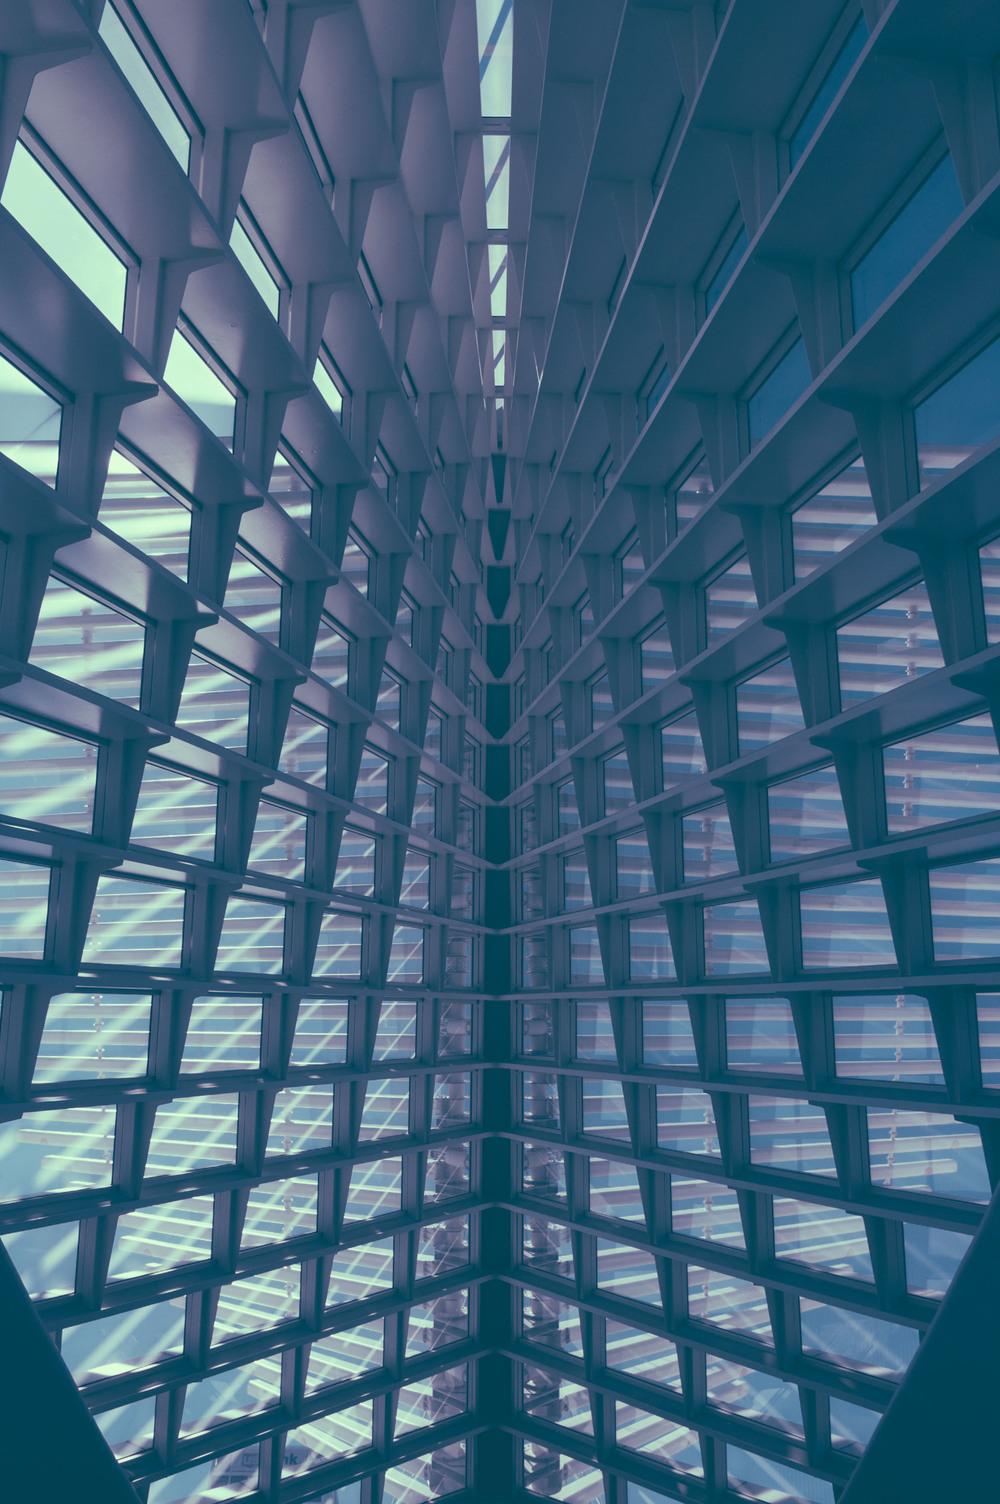 2006_0603_D70_MilwaukeeArtMuseum_DSC_0019.jpg